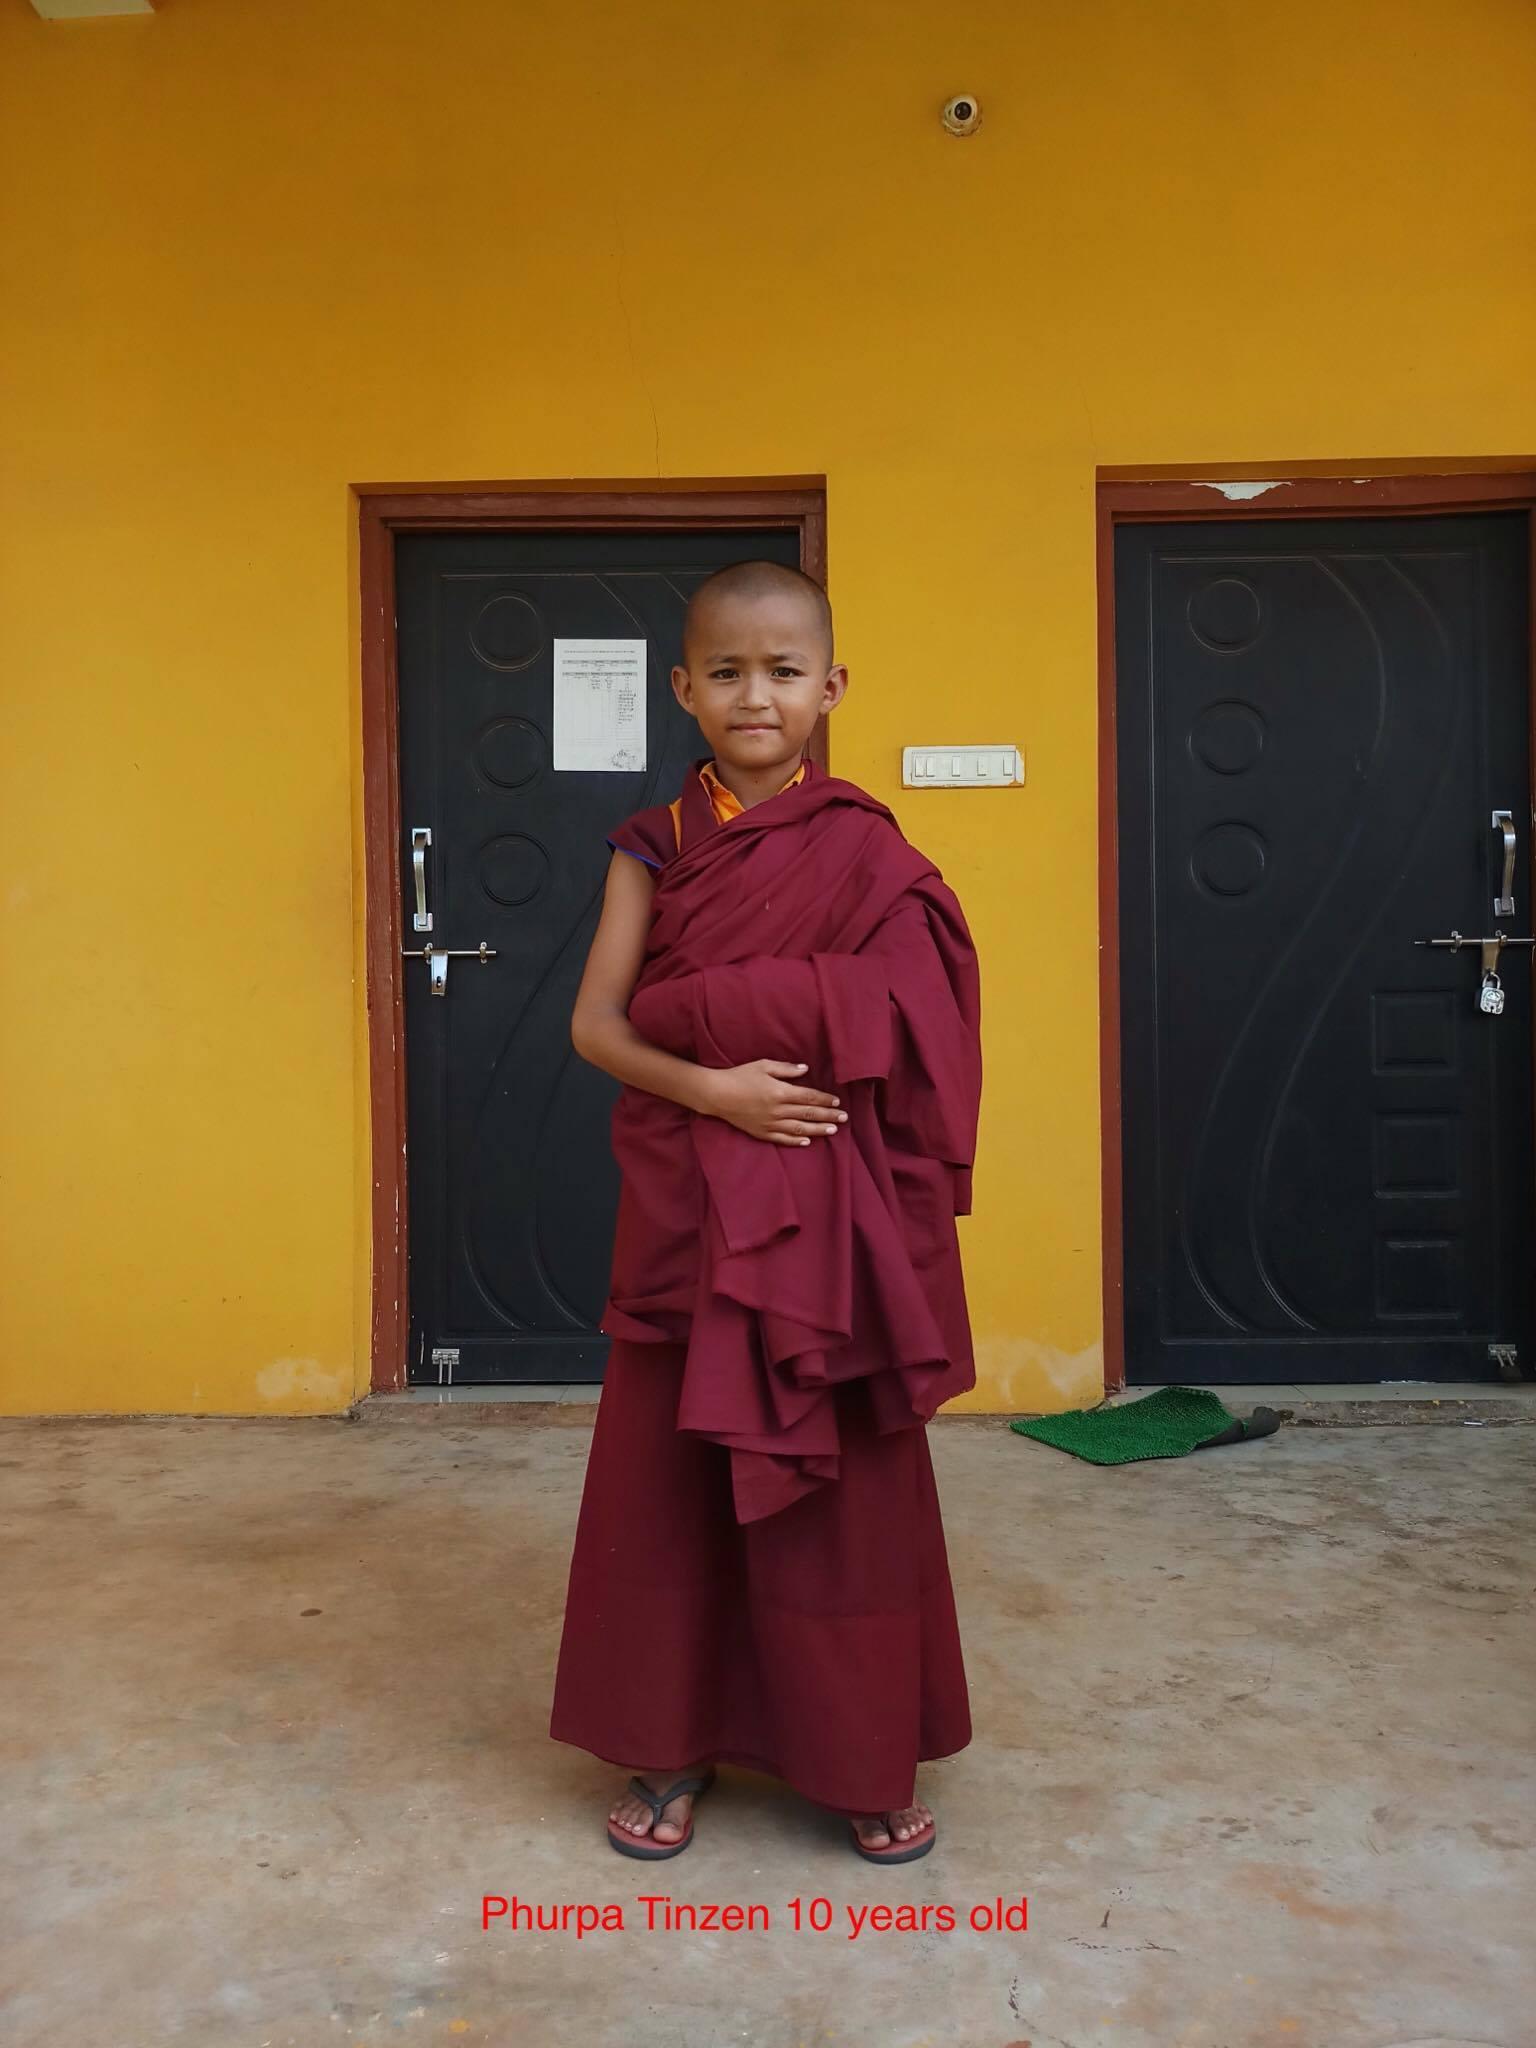 Monk_Phurpa_Tinzen_10yrs_old.jpg